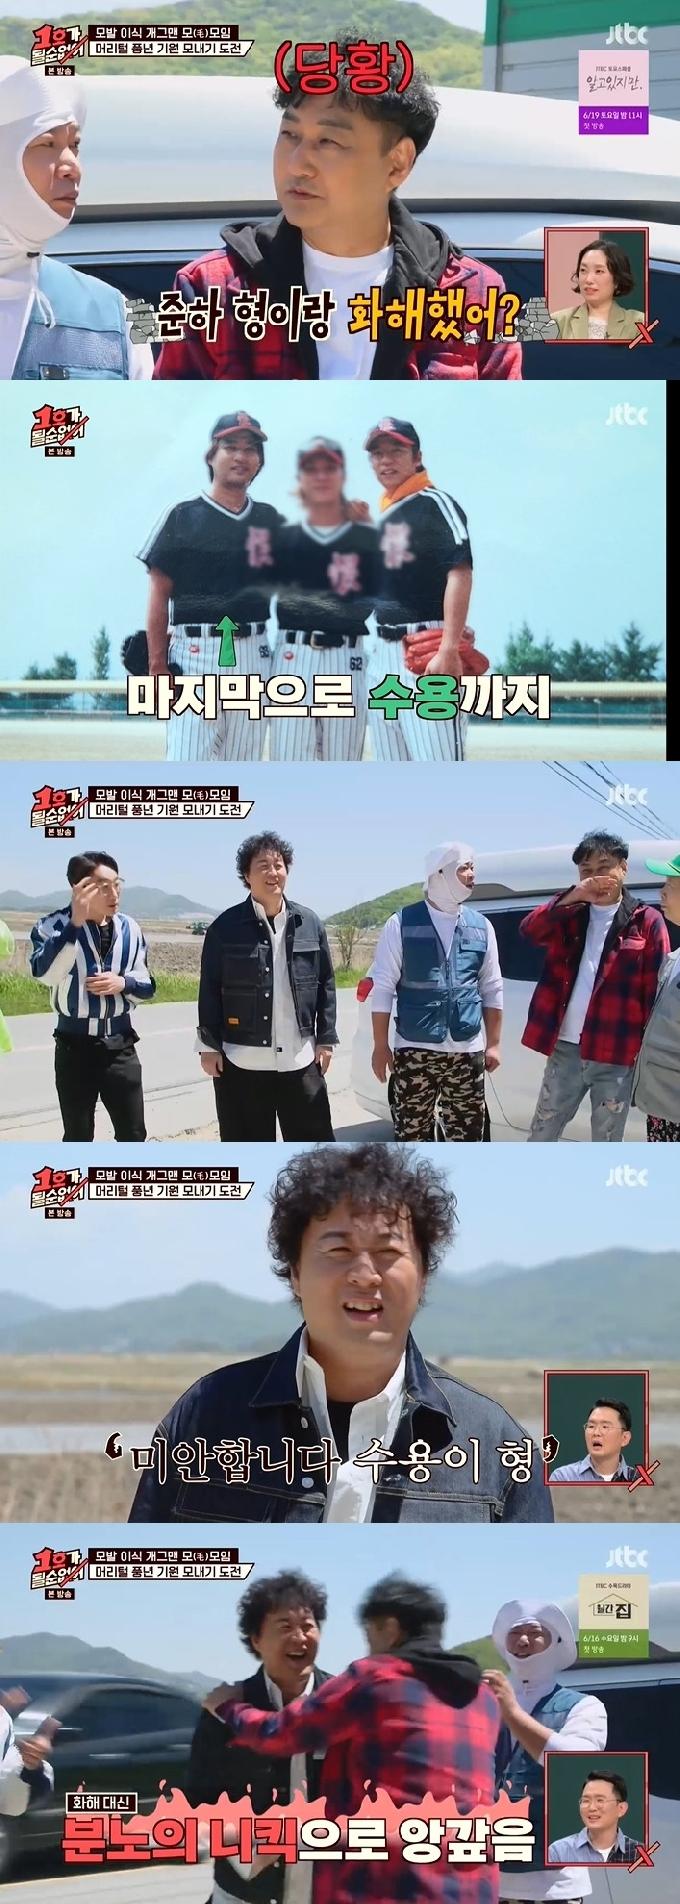 김수용·정준하, 과거 야구단서 다툰 후 재회…이휘재